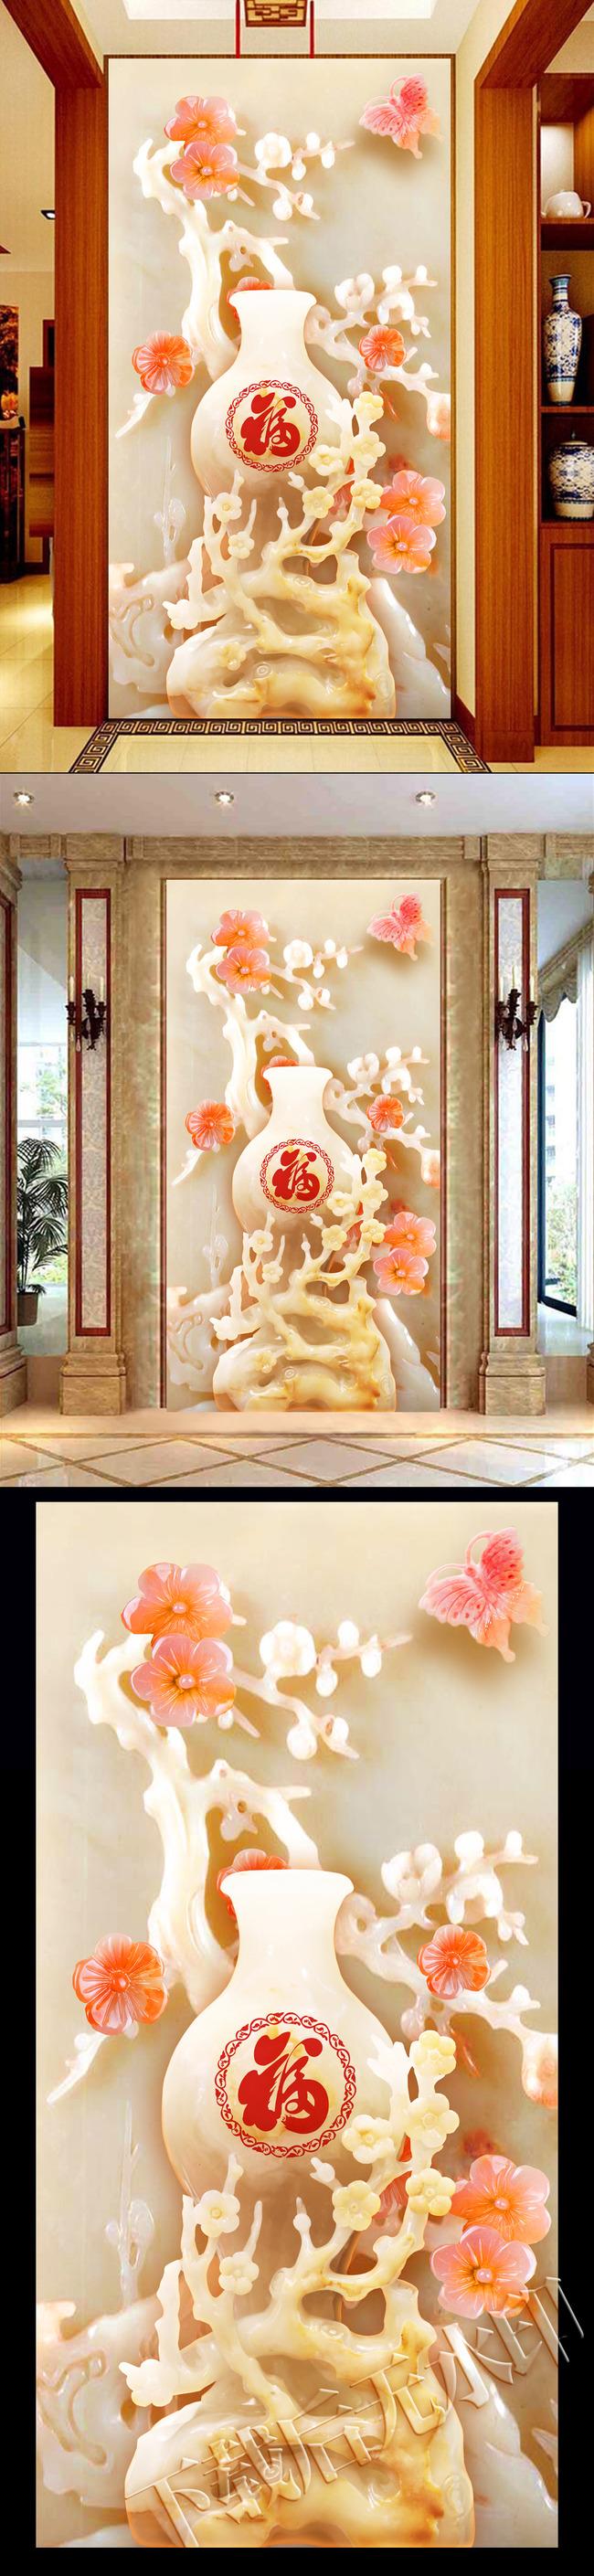 梅花花瓶玉雕玄关过道背景墙